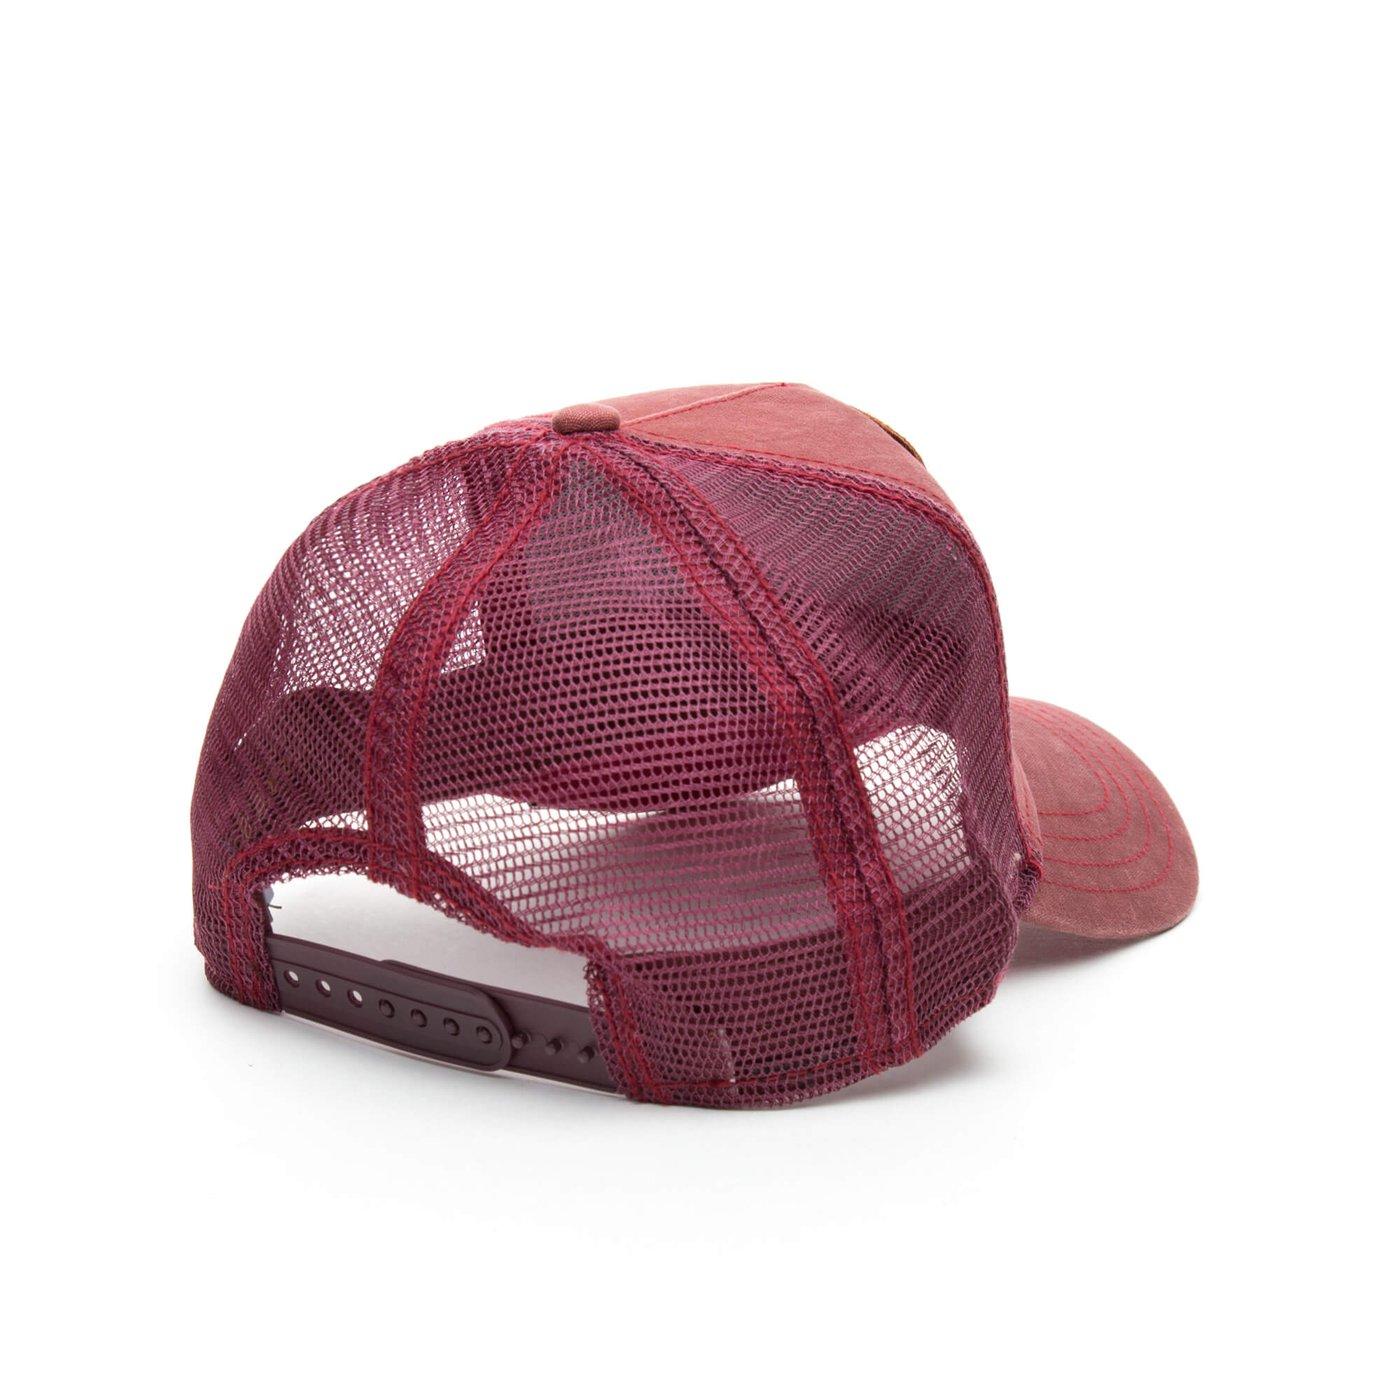 Goorin Bros Cougar Unisex Kırmızı Şapka